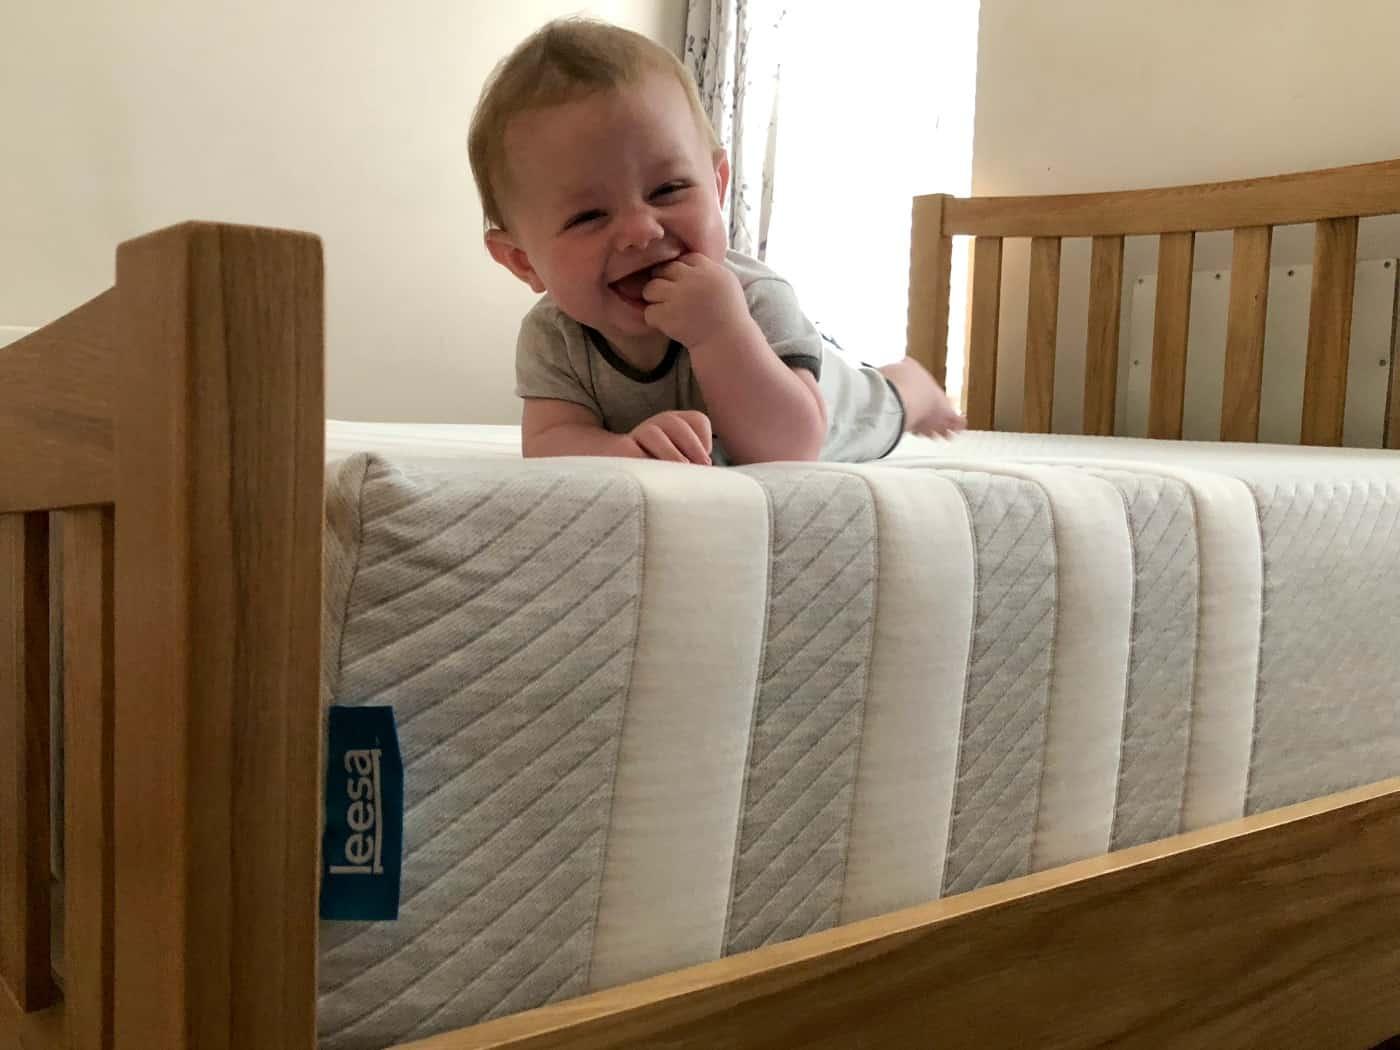 Leesa sleep mattress